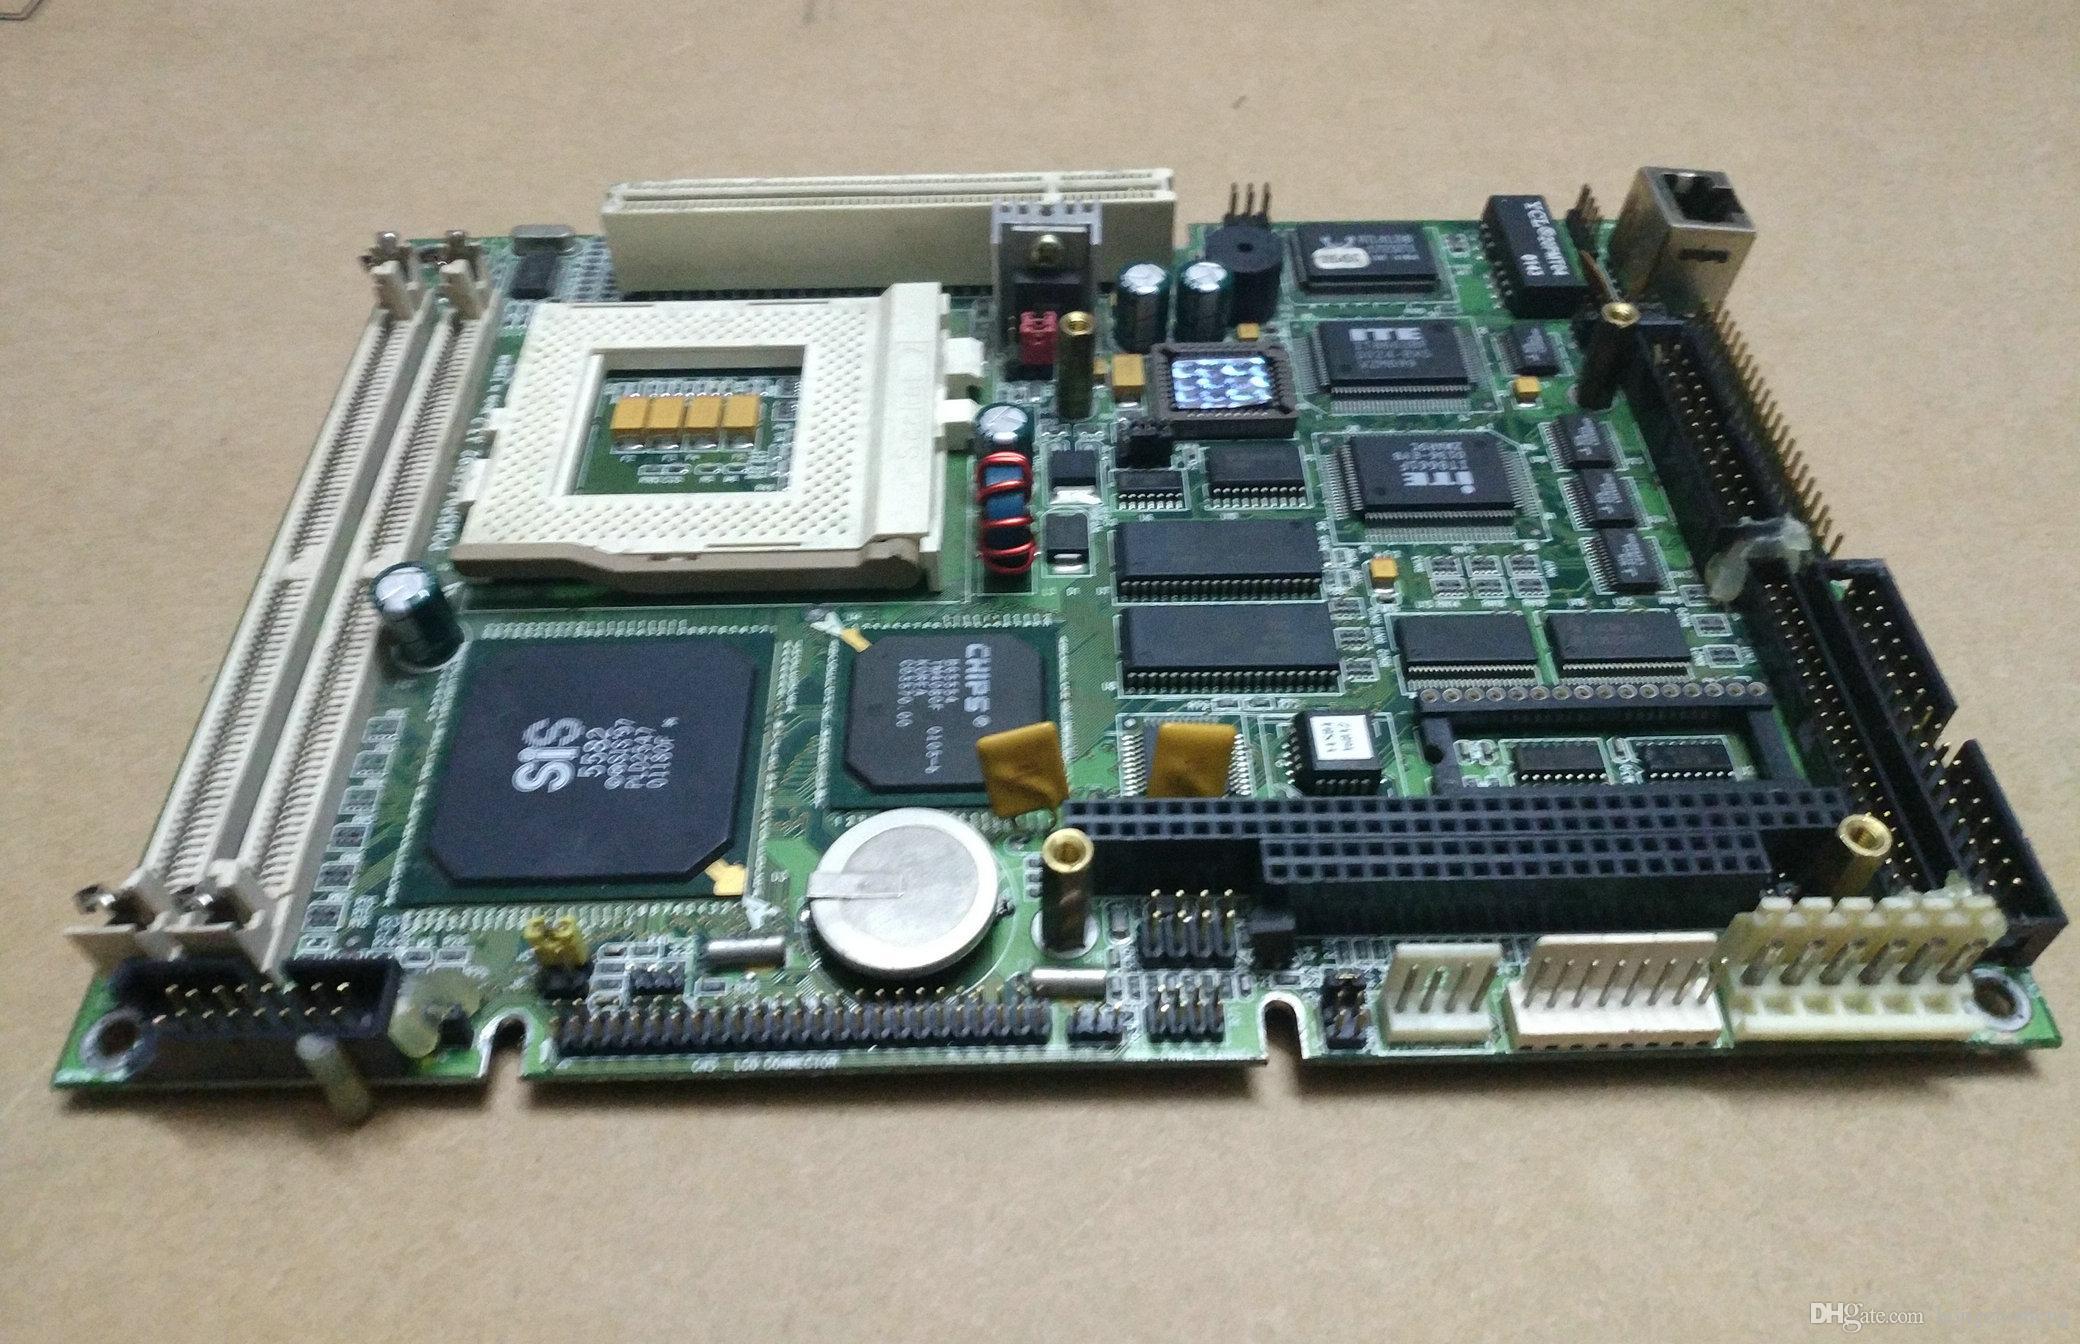 Оригинальный PCM-5894/5892 A3.Доска промышленной системы 2 используемая в хорошем состоянии